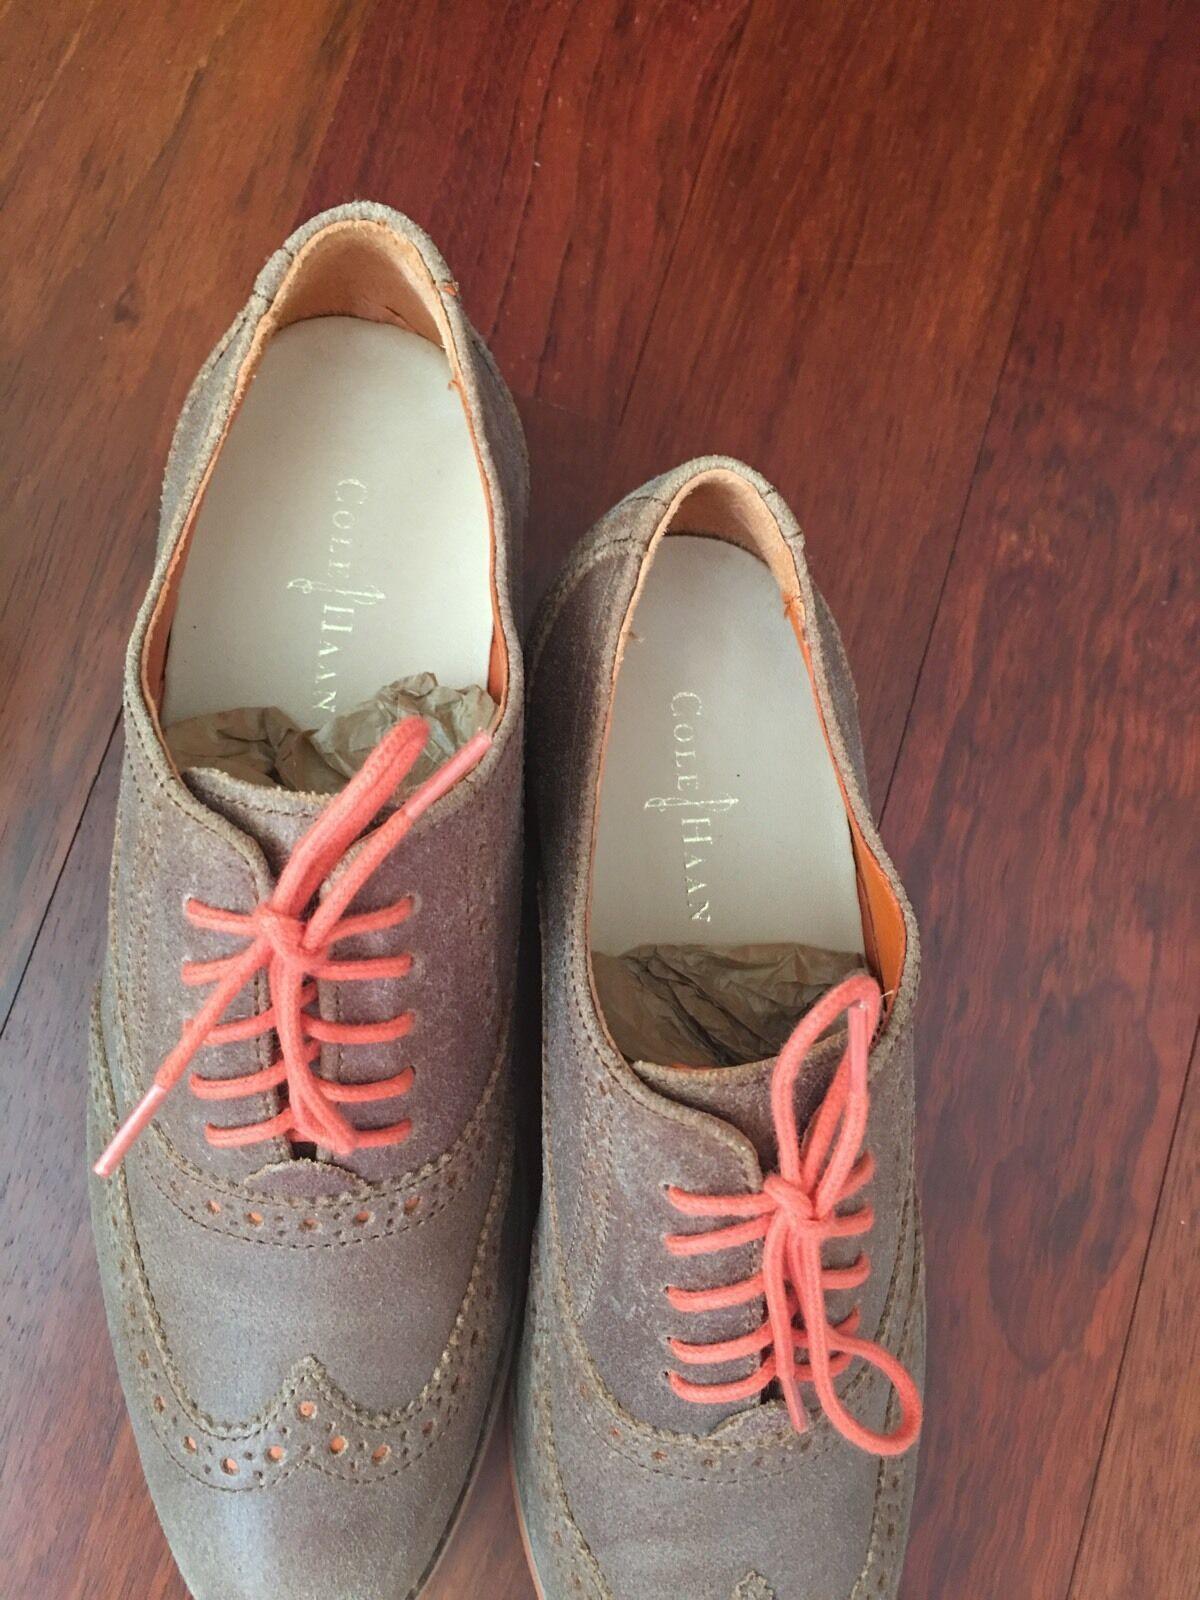 Cole Haan 6 Alisa Oxfords, Sequoia/Naranja, 6 Haan 0818f9